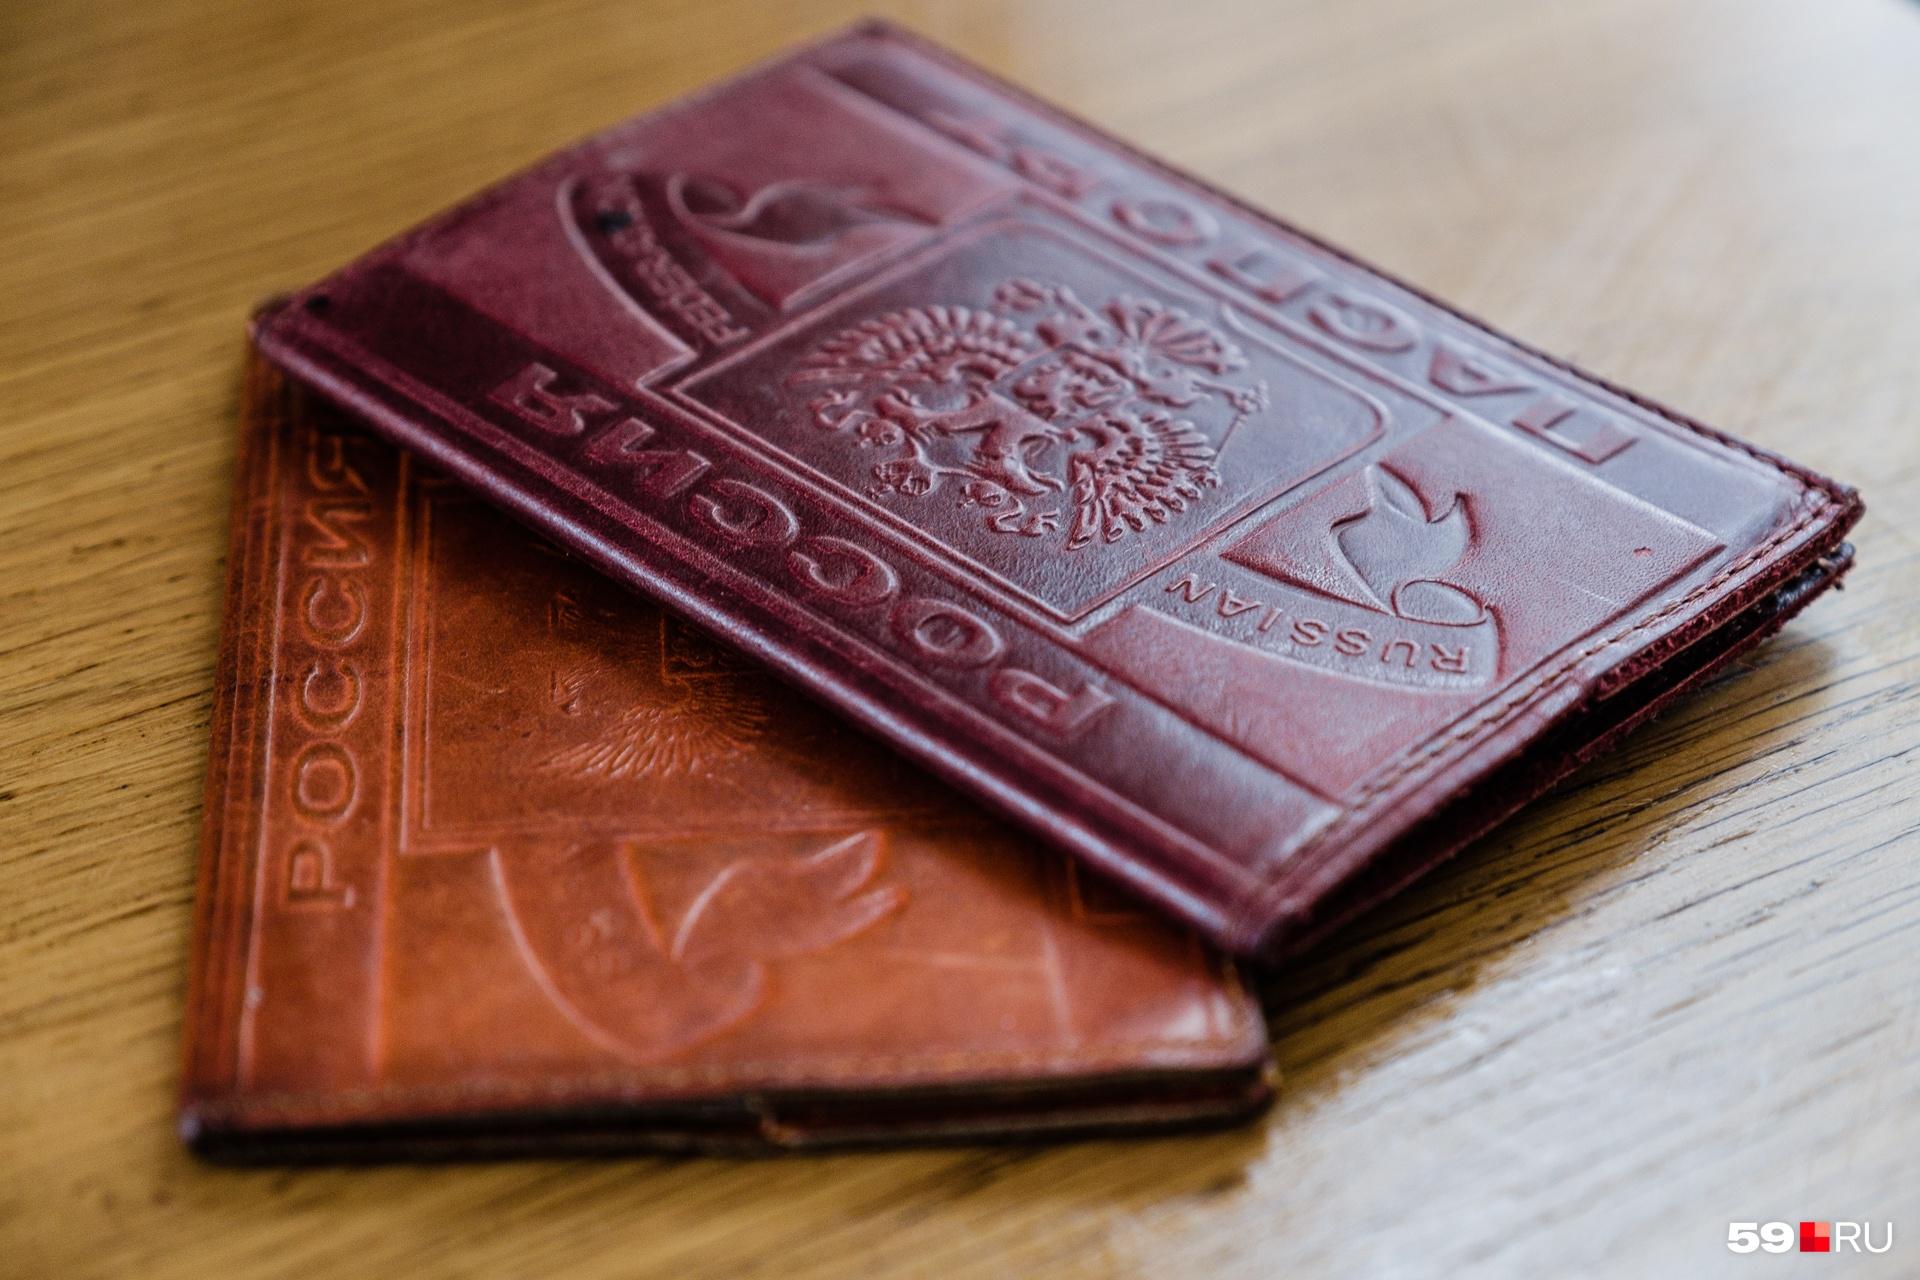 Храните паспорт аккуратно: если документ будет испорчен, его придется менять